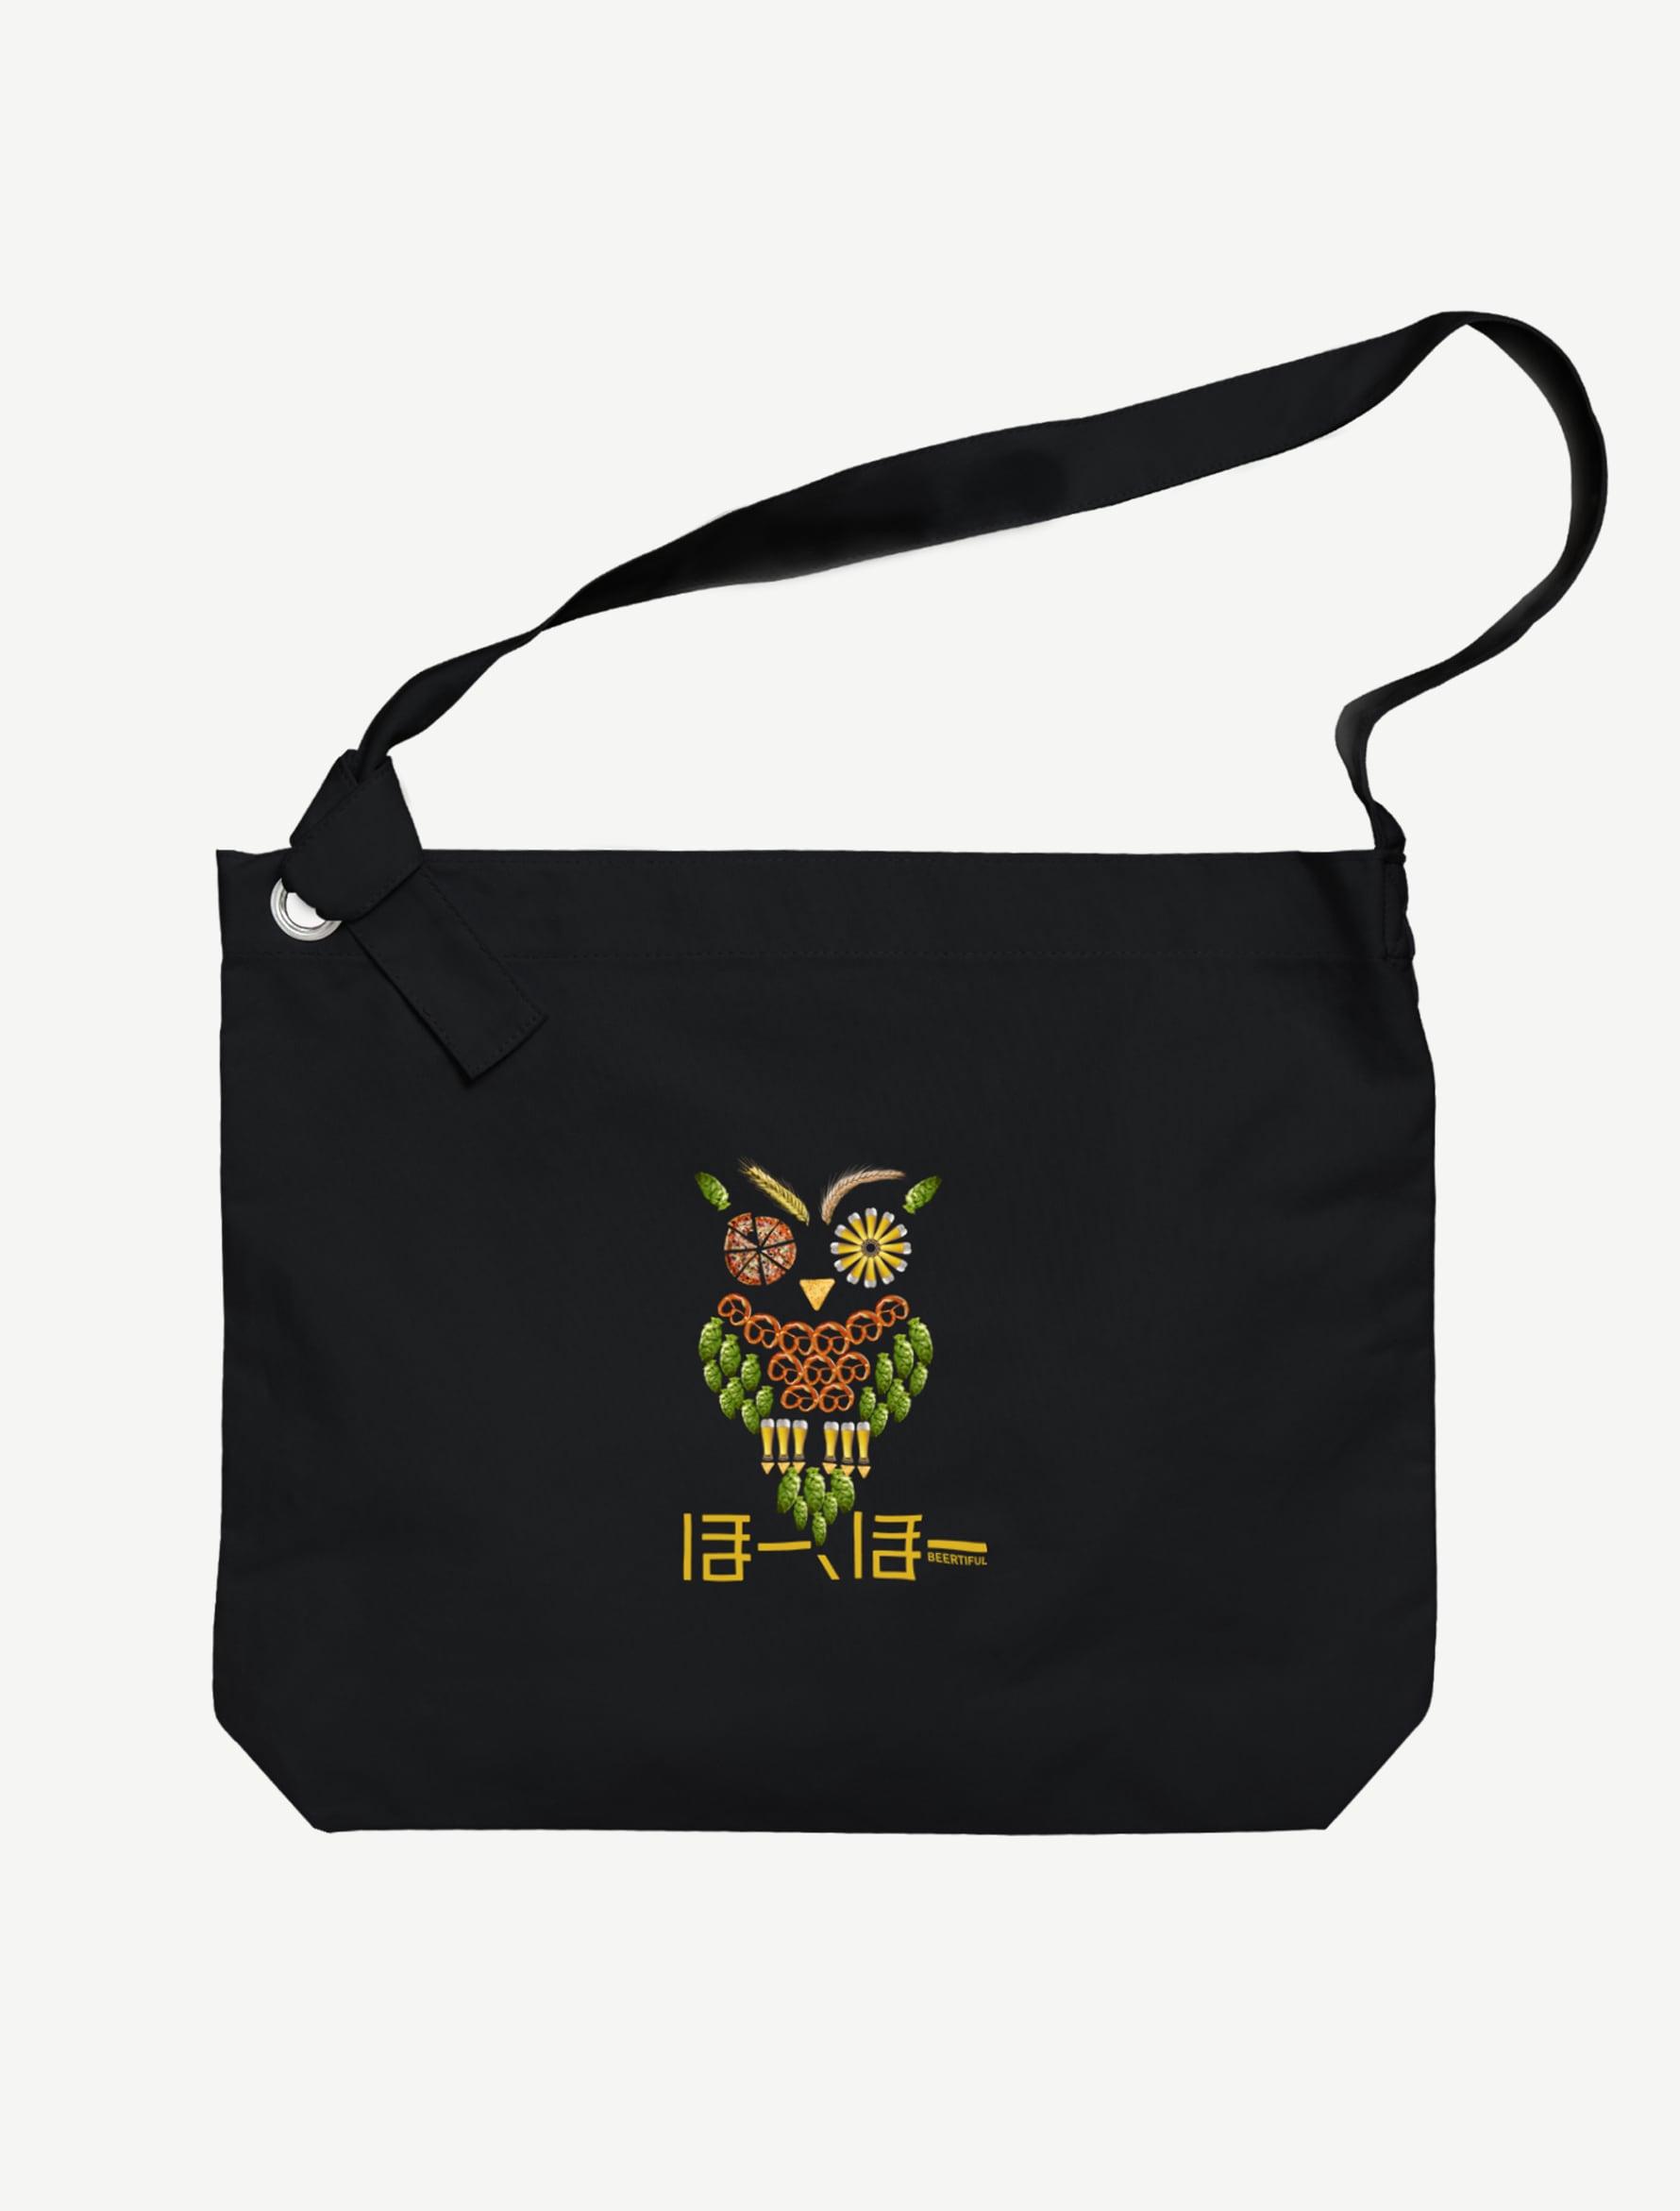 【フクロウ】ビッグショルダーバッグ